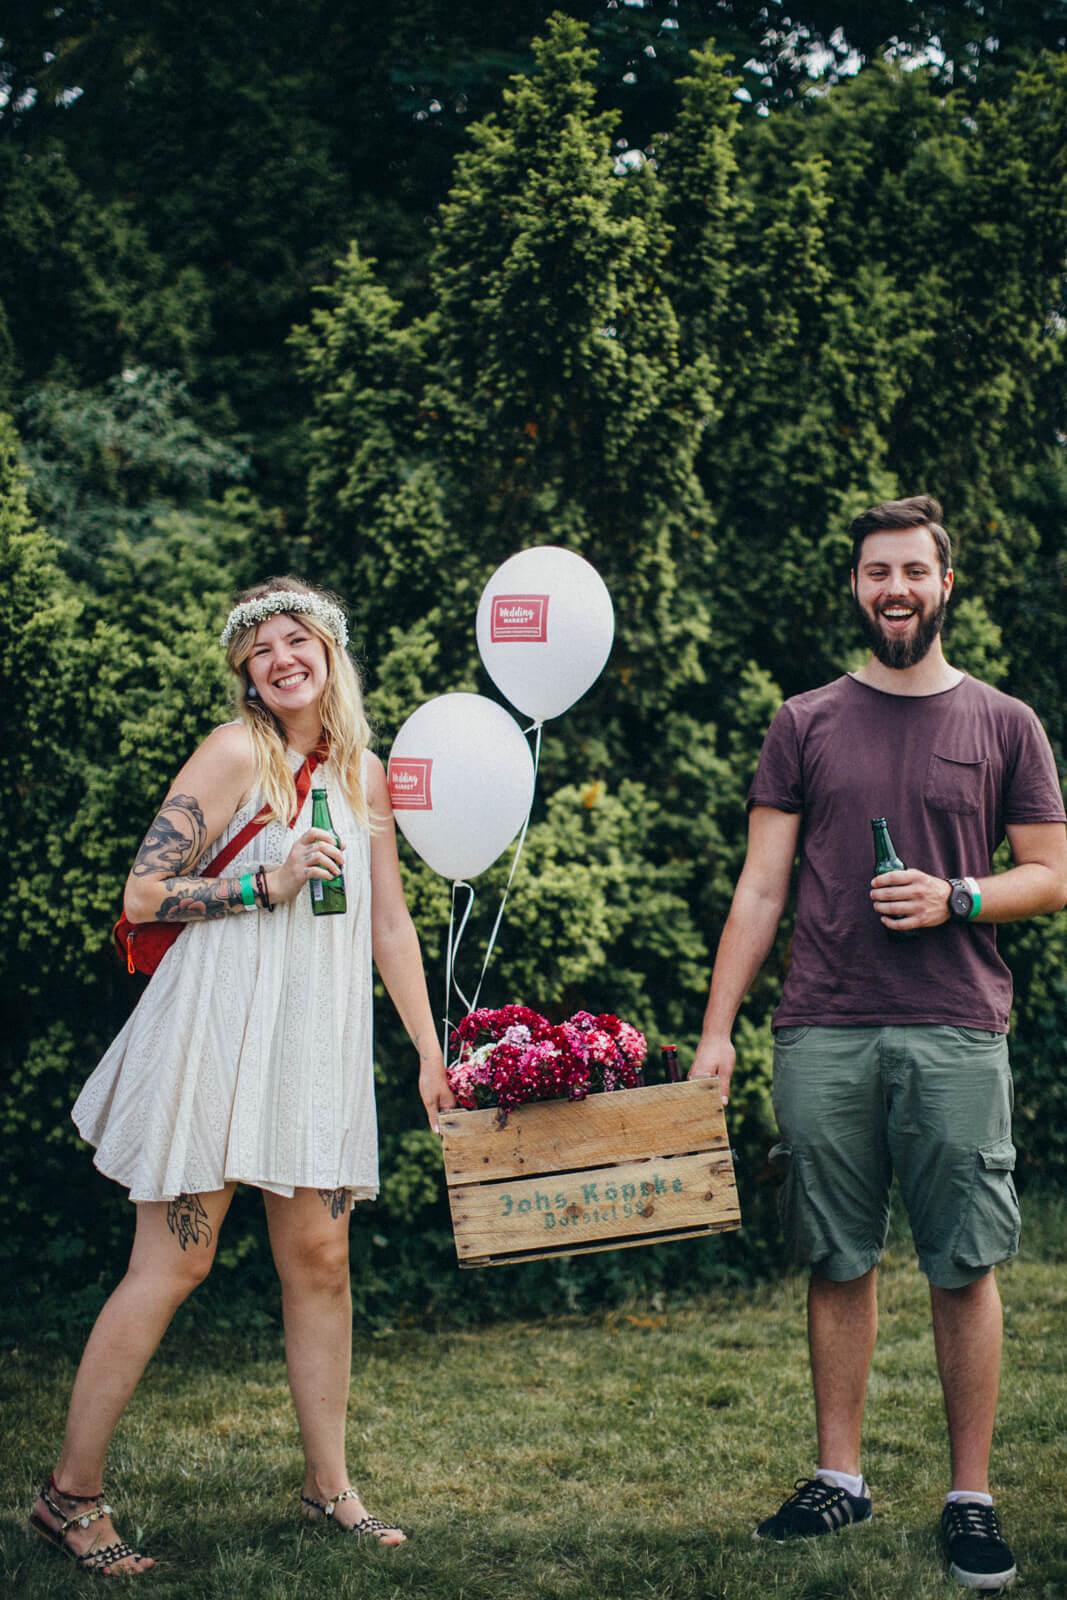 Wedding-Market-Leipzig-Sommer-Edition-2018-frisch-verliebt-(c)-Andy-Paulik